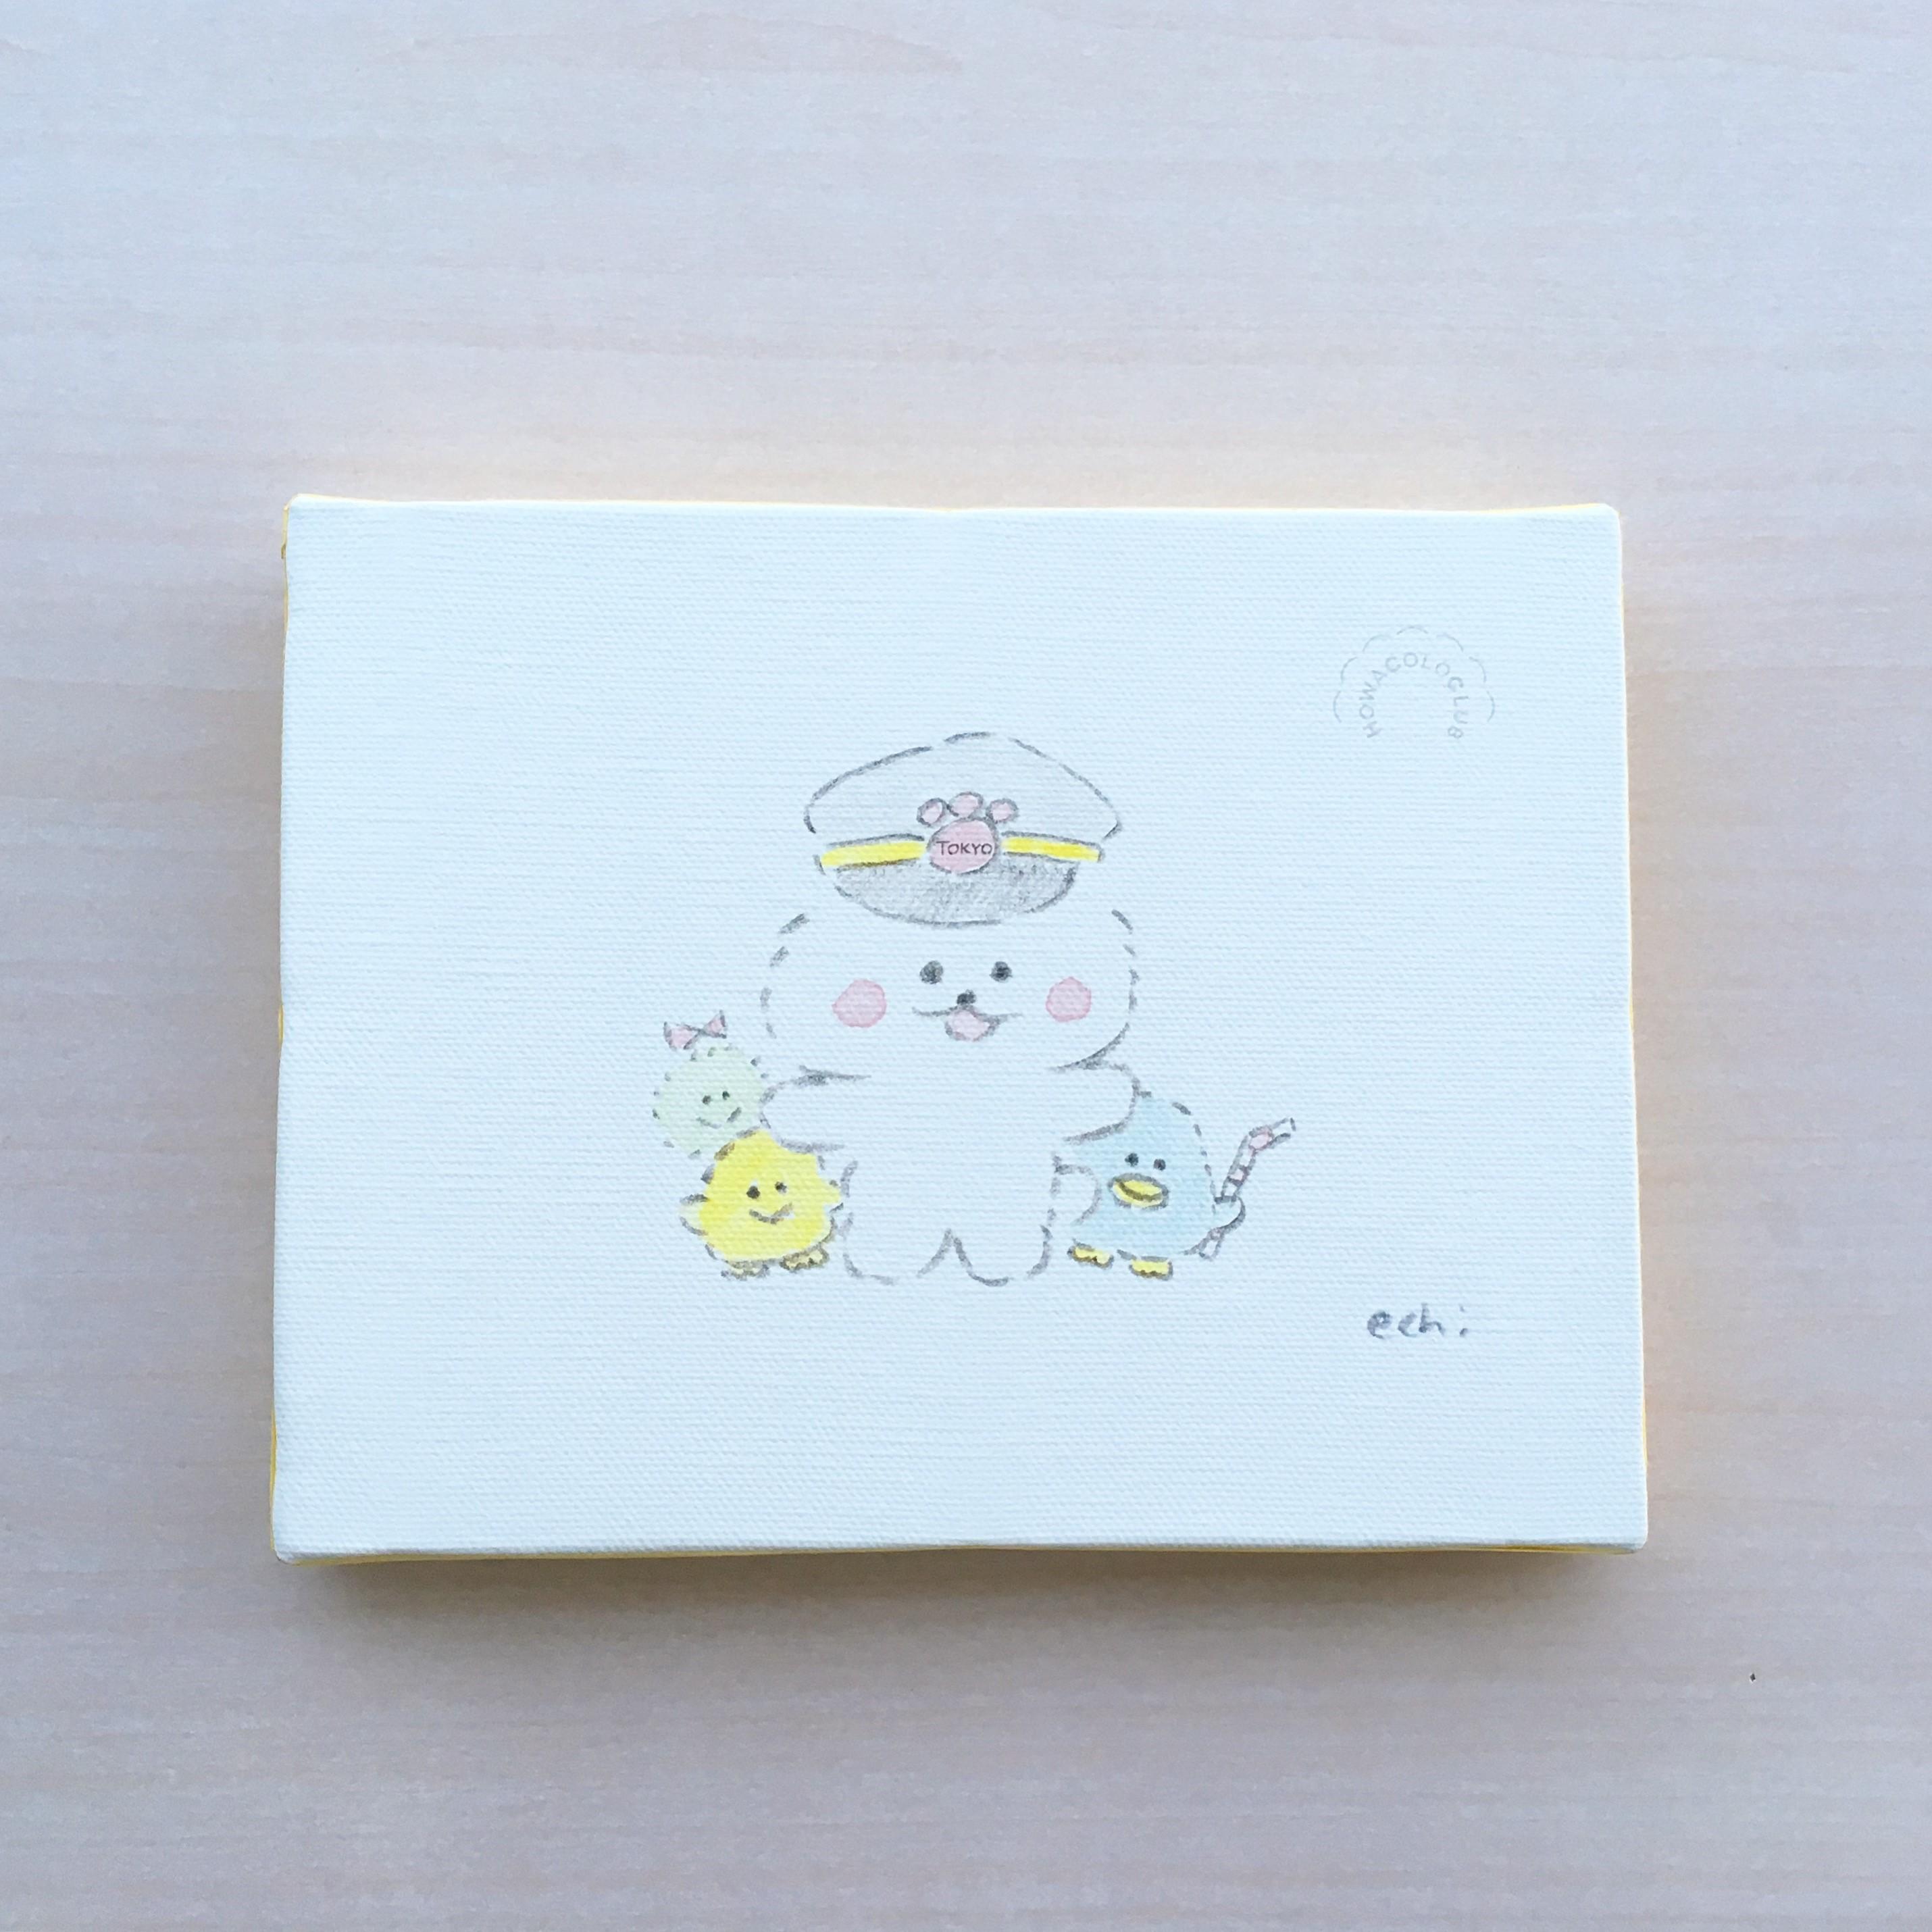 ほわころくらぶ_東京駅_キャンバスアート1